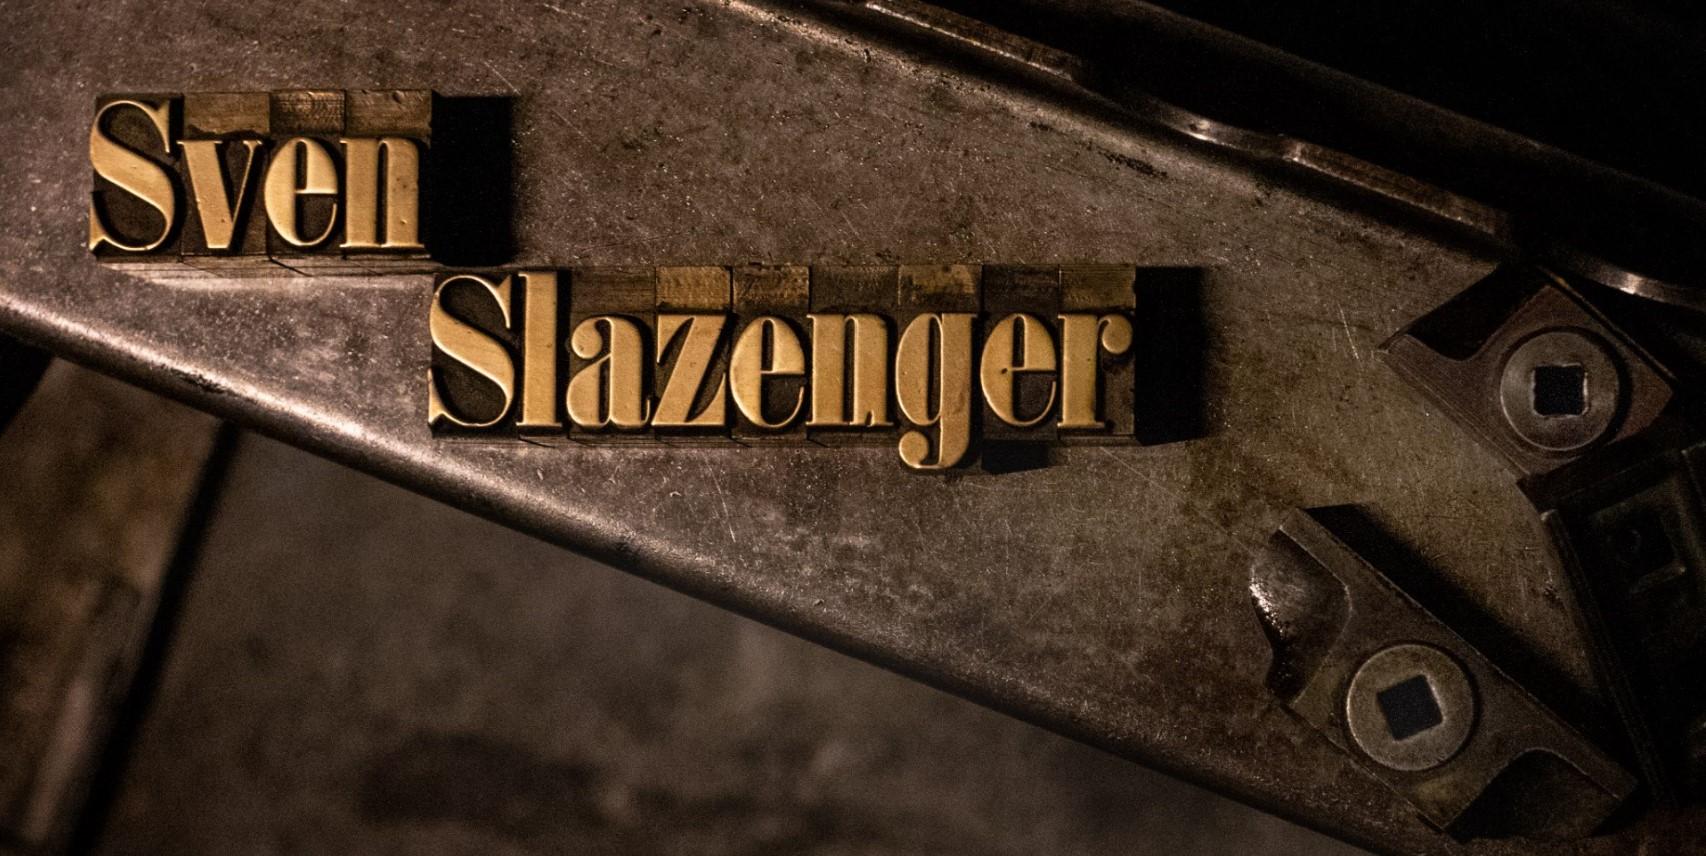 slazenger2.jpg